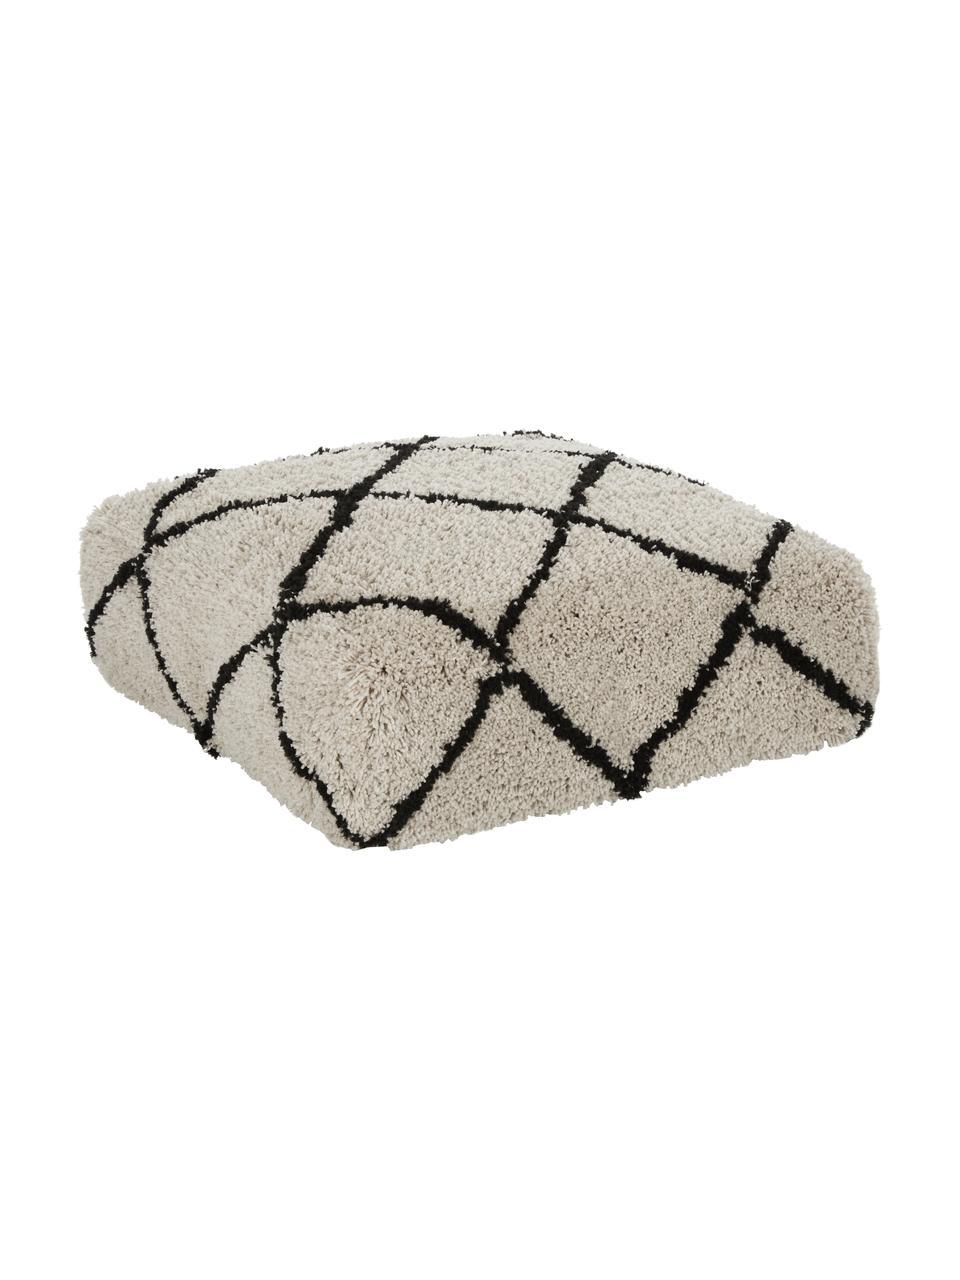 Handgetuft vloerkussen Naima, Bekleding: 100% polyester, Beige, zwart, 70 x 20 cm